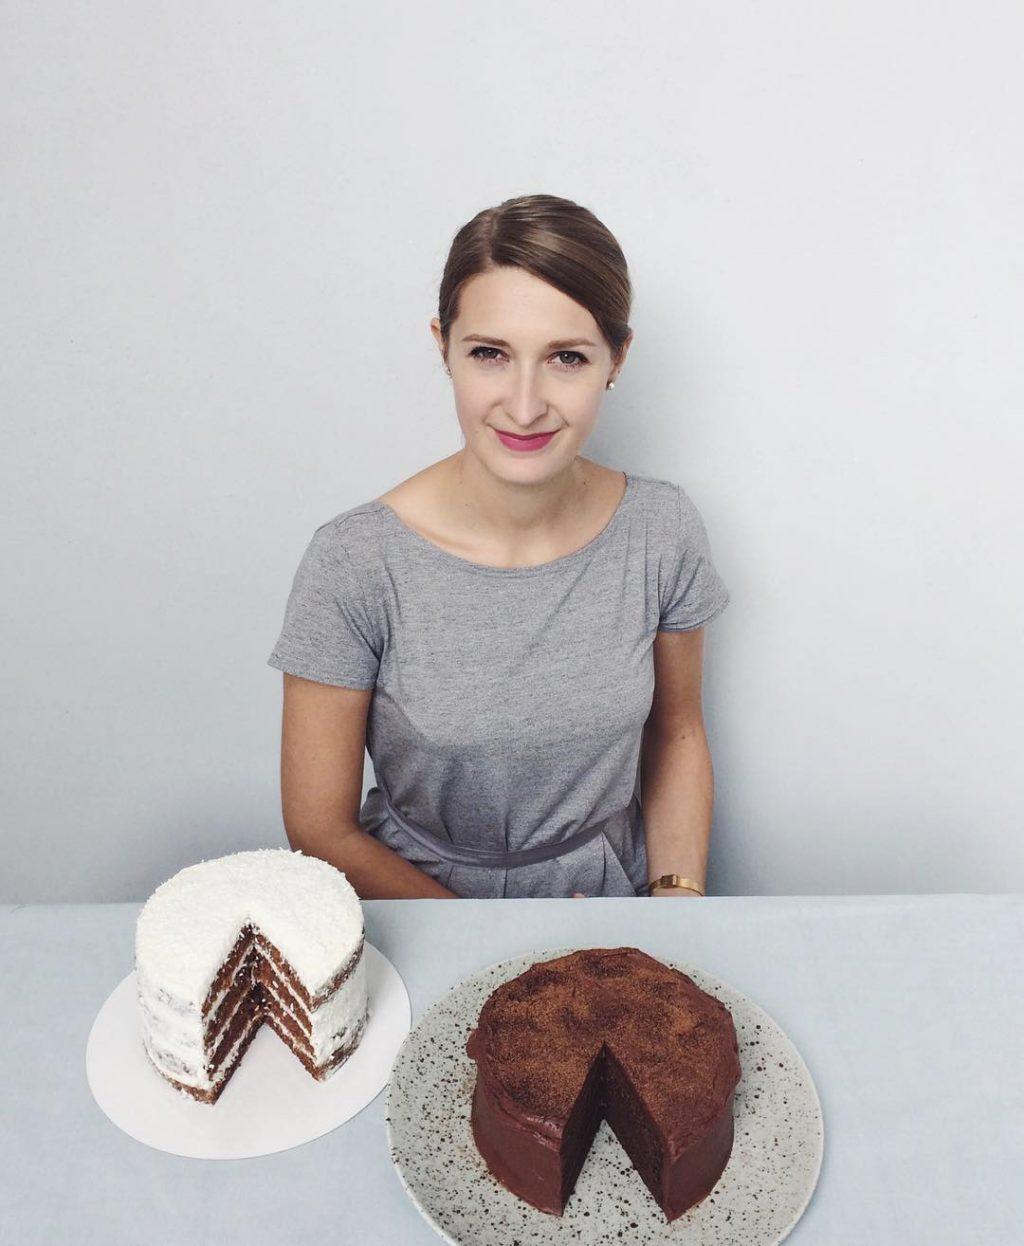 Foodblogerka Děvče u plotny